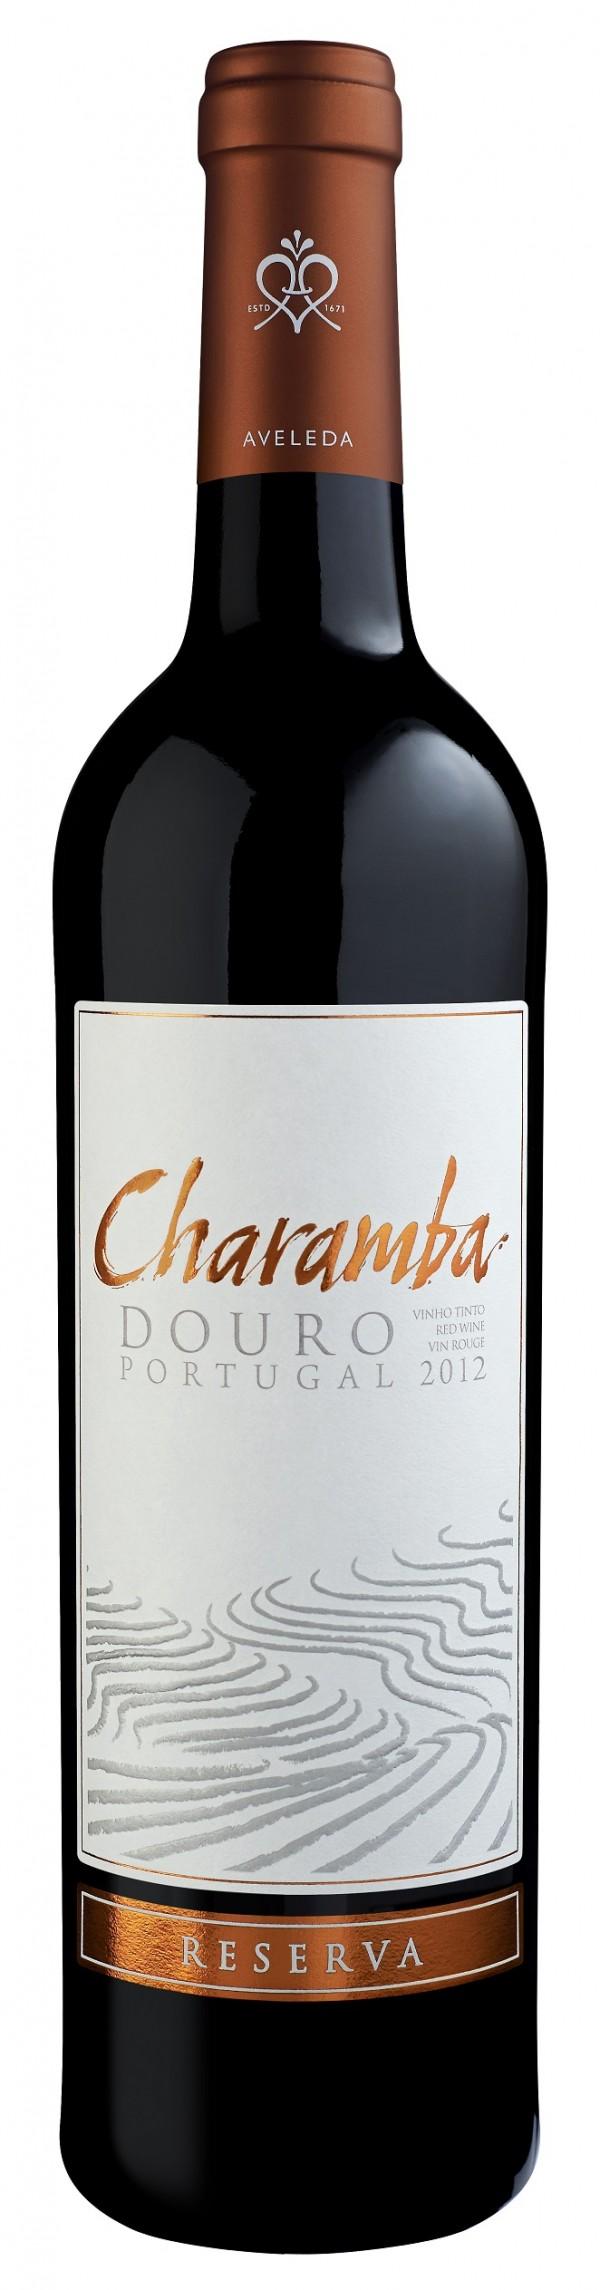 Portugalské víno Charamba Douro Reserva na eshopu vín z Portugalska